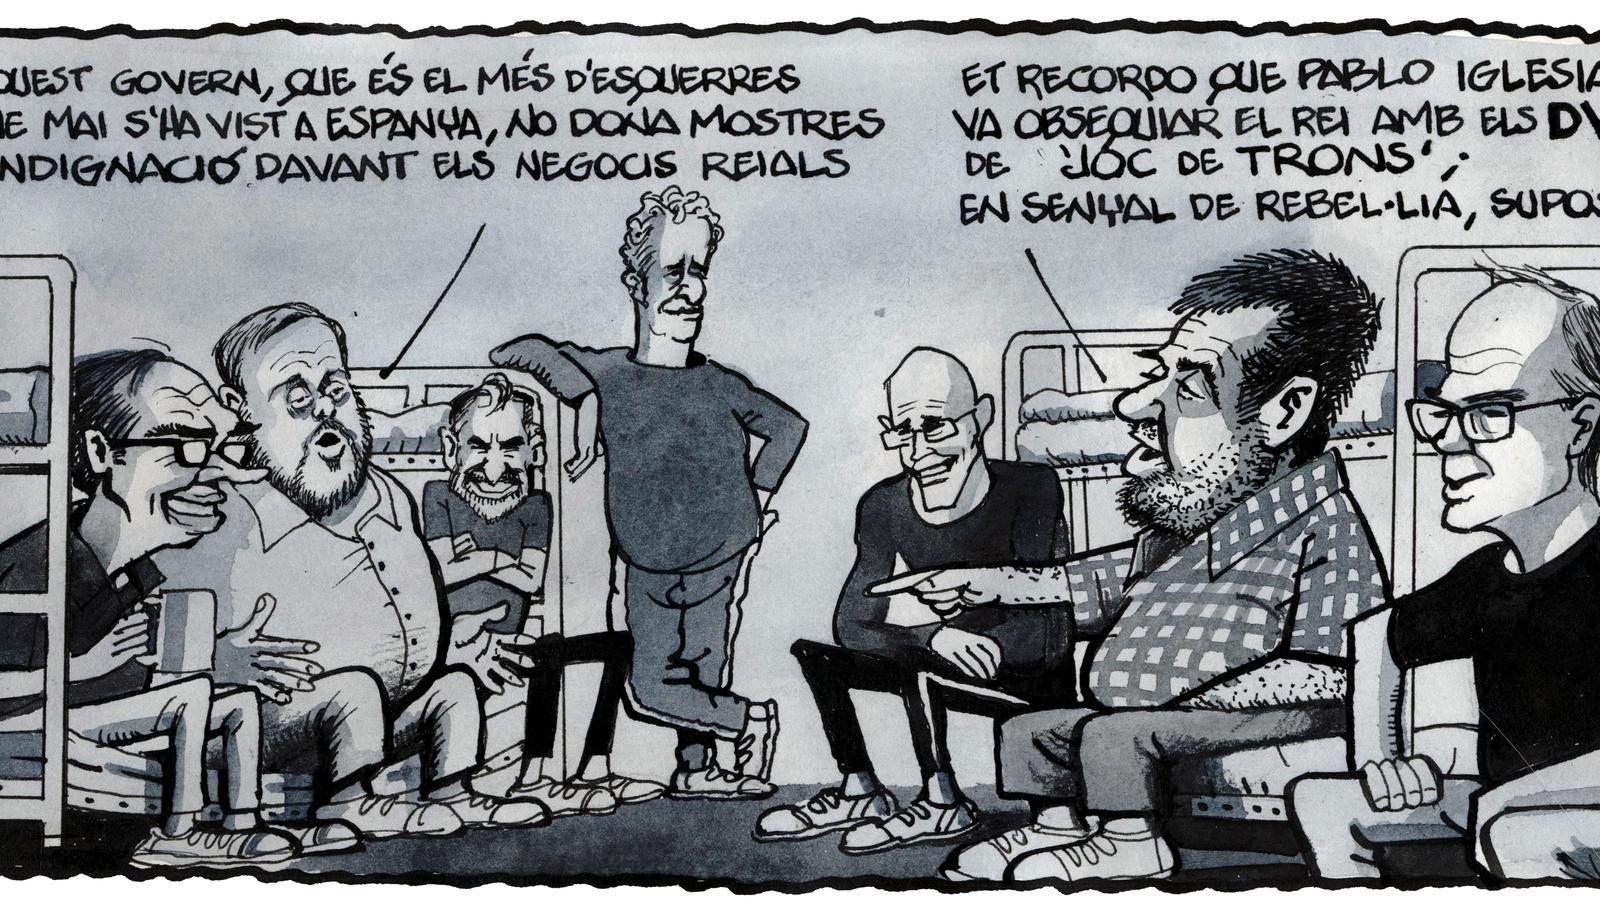 'A la contra', per Ferreres 02/08/2020